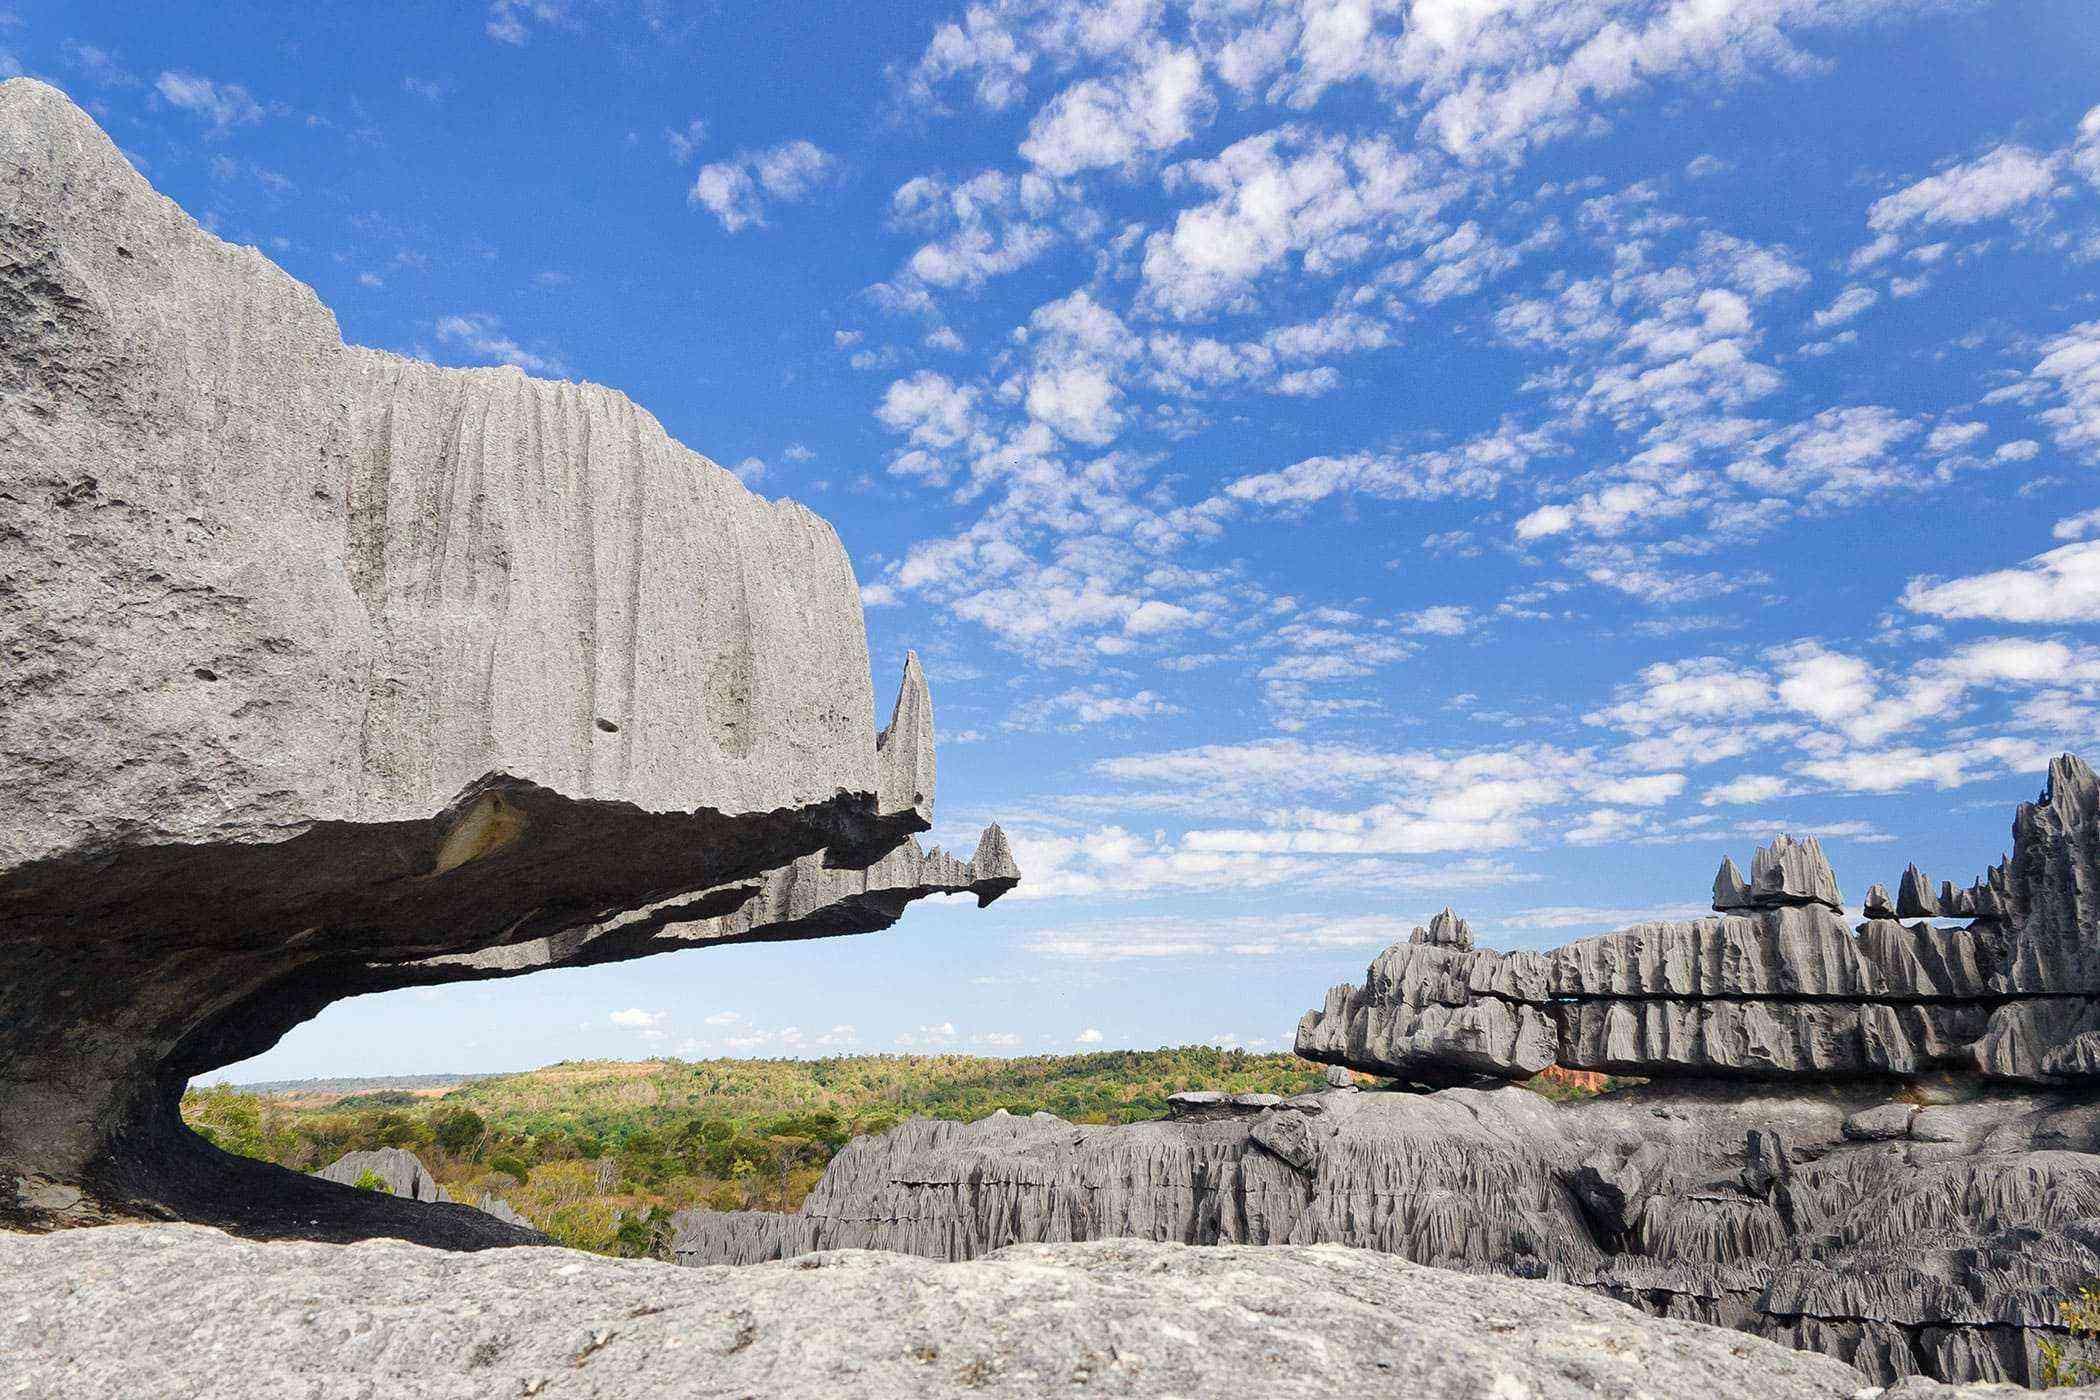 Surreal-Landscapes-Tsingy-de-Bemaraha-2-1